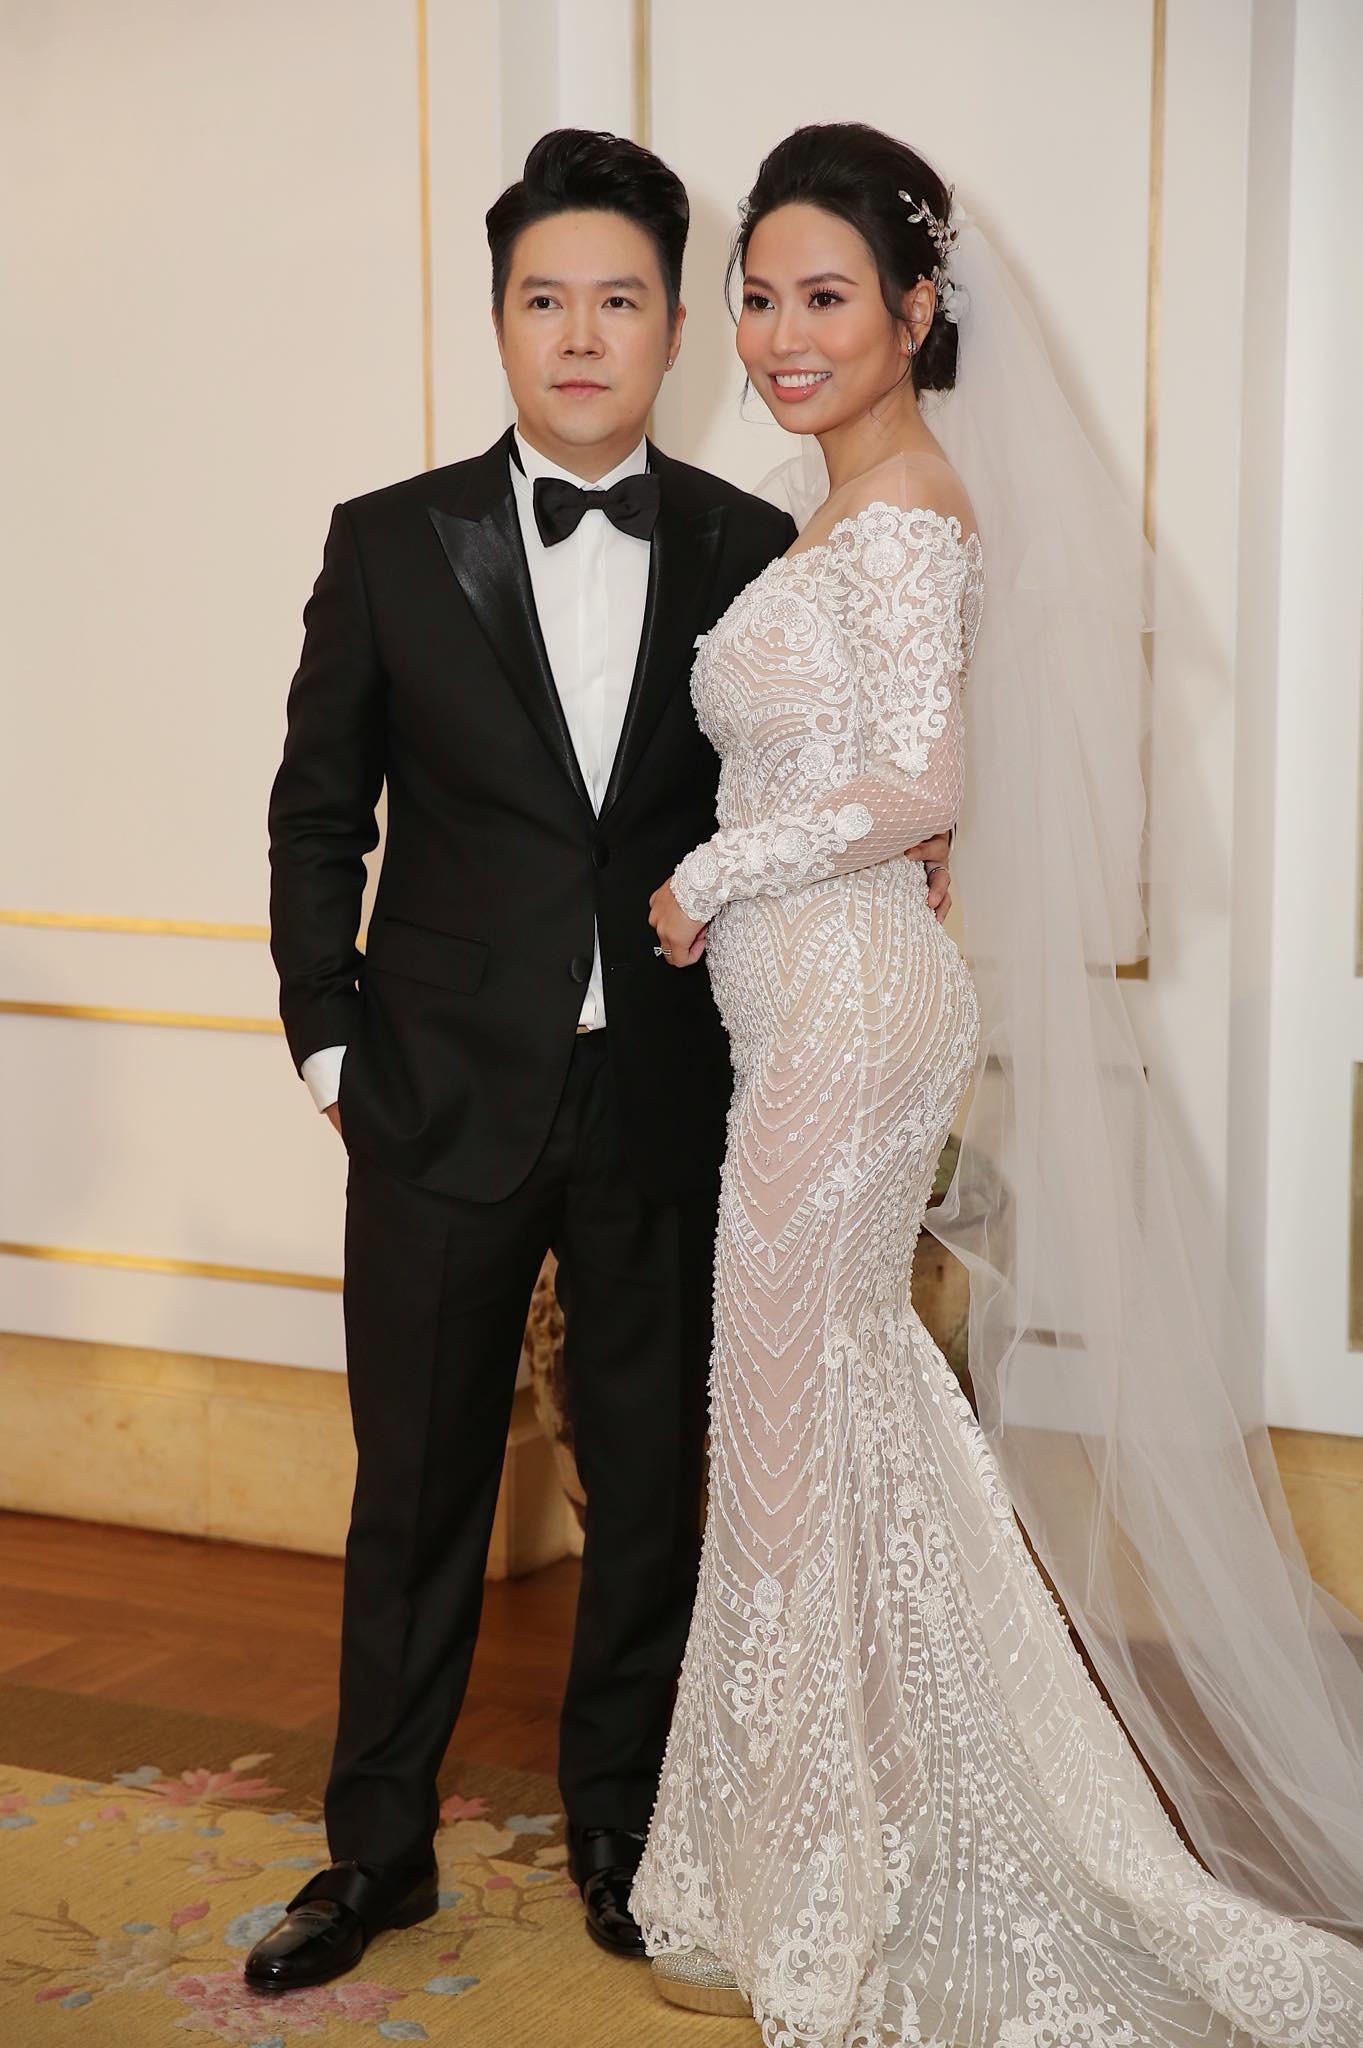 Cuối năm tất bật, dàn sao Việt vẫn dành thời gian đến dự đám cưới Lê Hiếu - Ảnh 2.